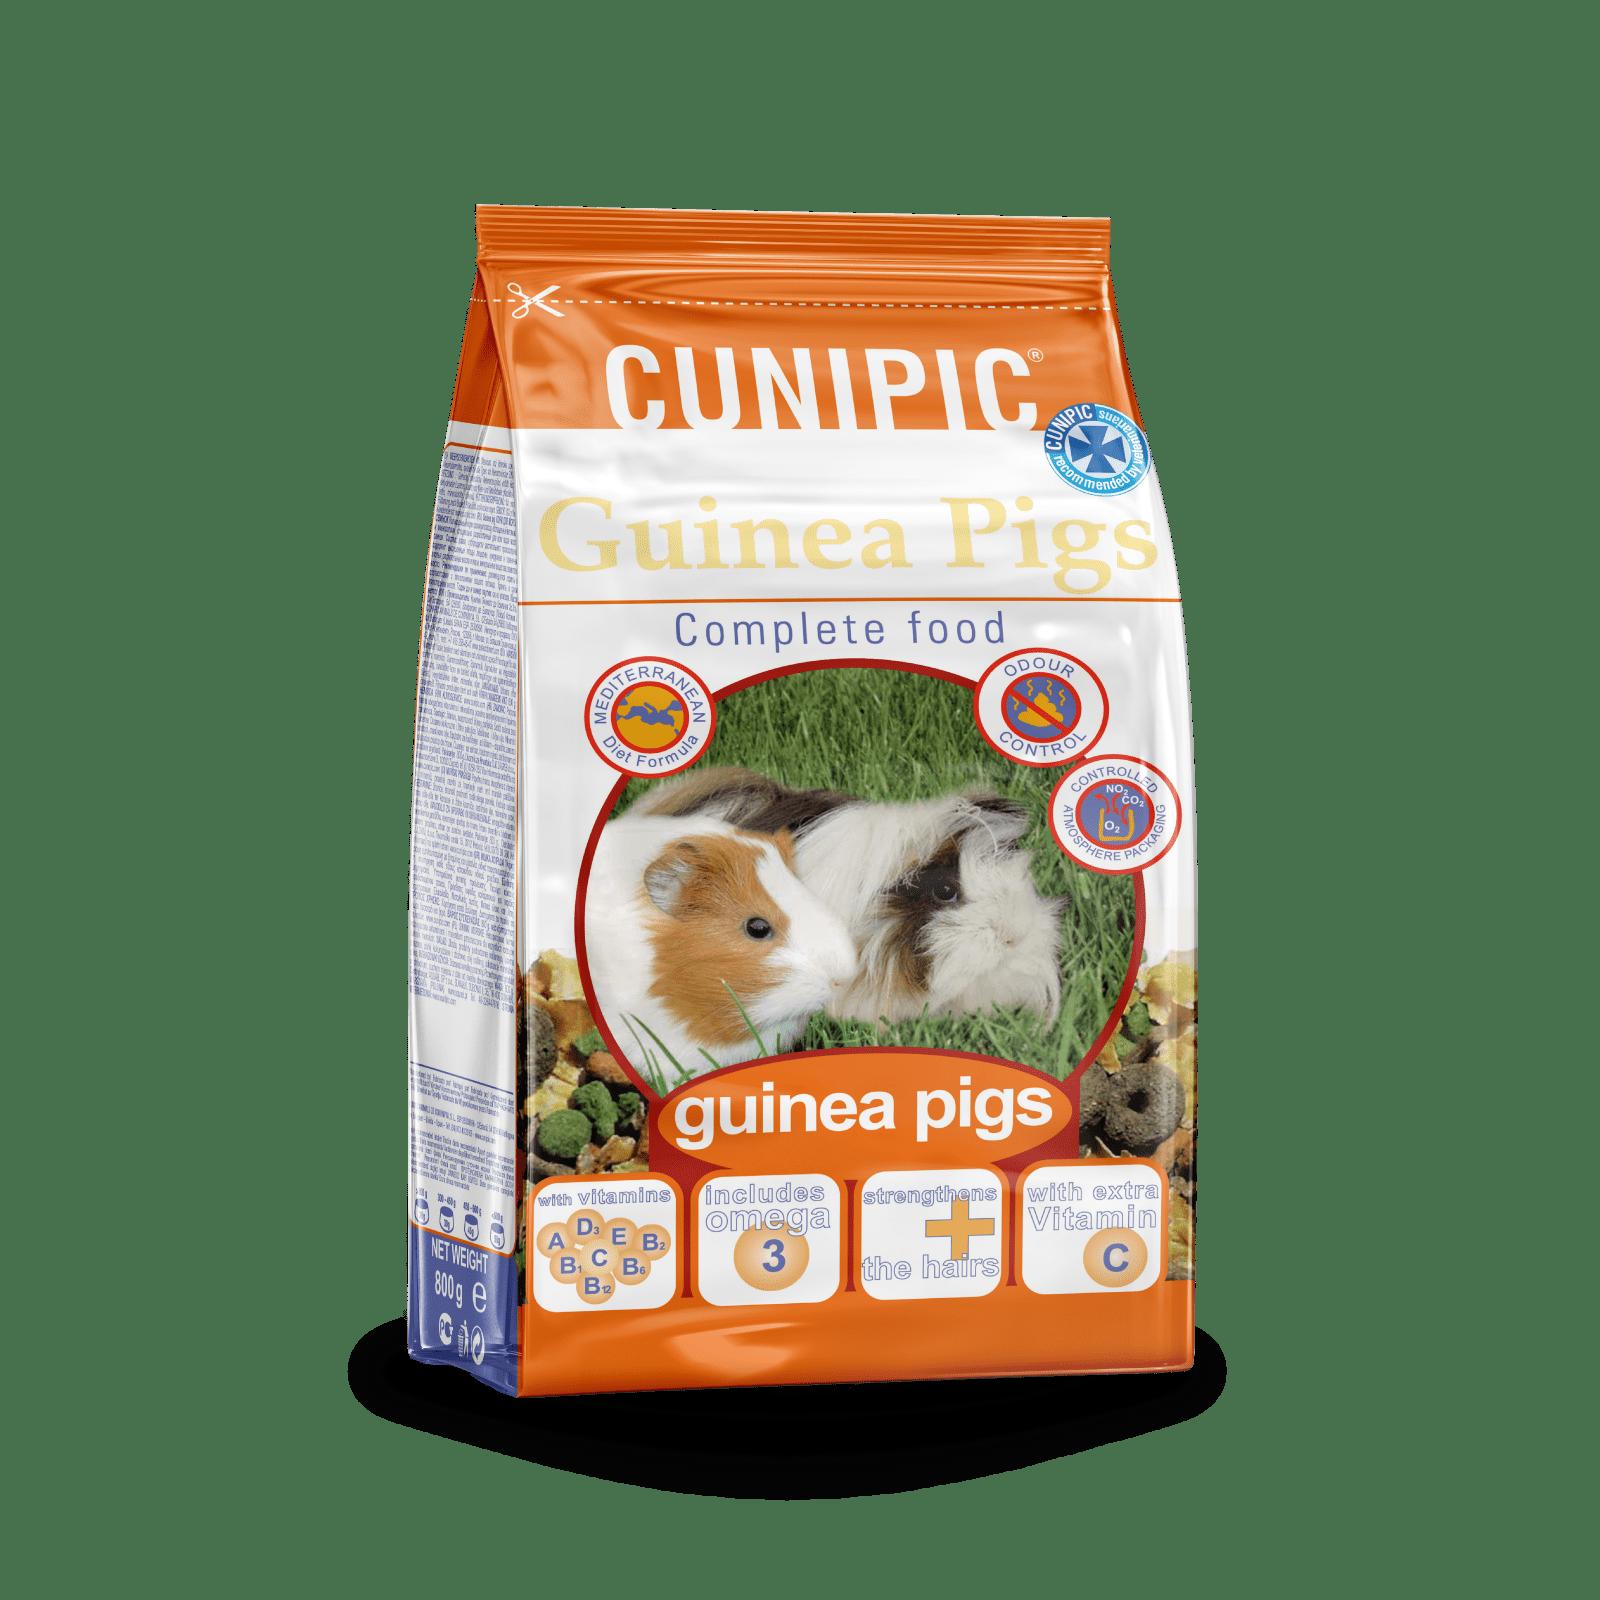 Alimentación Súper Premium para Cobayas Cunipic